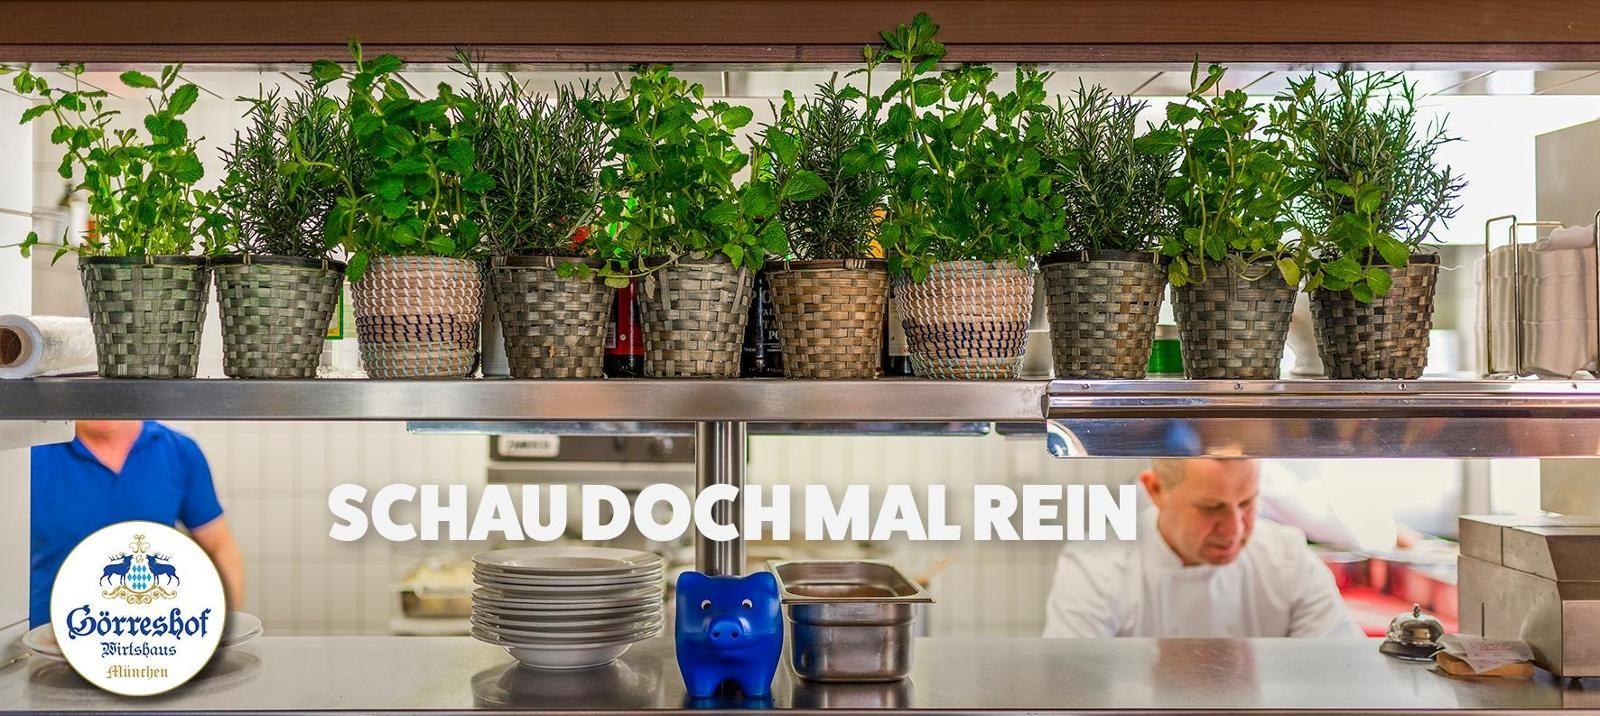 Jeder wuerde gerne mal zusehen ? Wir wollen es jedem zeigen.     Schau doch mal rein in unsere Kueche, es lohnt sich.    Goerreshof - Dein bayerisches Restaurant in Muenchen   www.goerreshof.de #Goerreshof #bayerisches #Wirtshaus #Restaurant #Biergarten #Muenchen #Maxvorstadt #Schwabing #Augustiner #bayrisch #guad #Traditionshaus #bavarian #placetobe